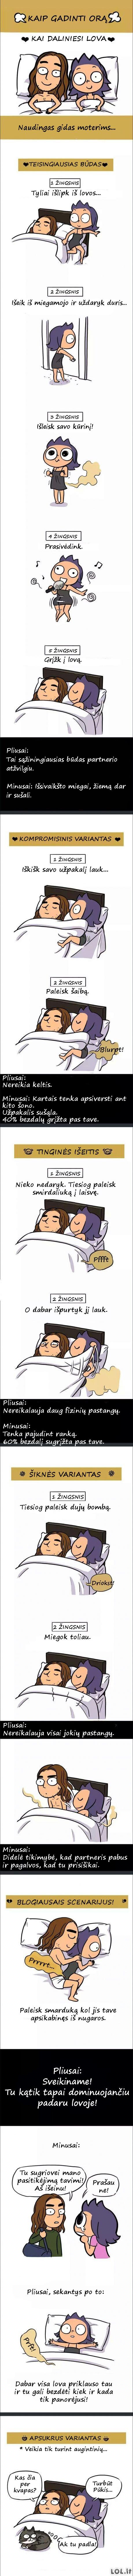 Kaip teisingai gadinti orą miegant su vaikinu?